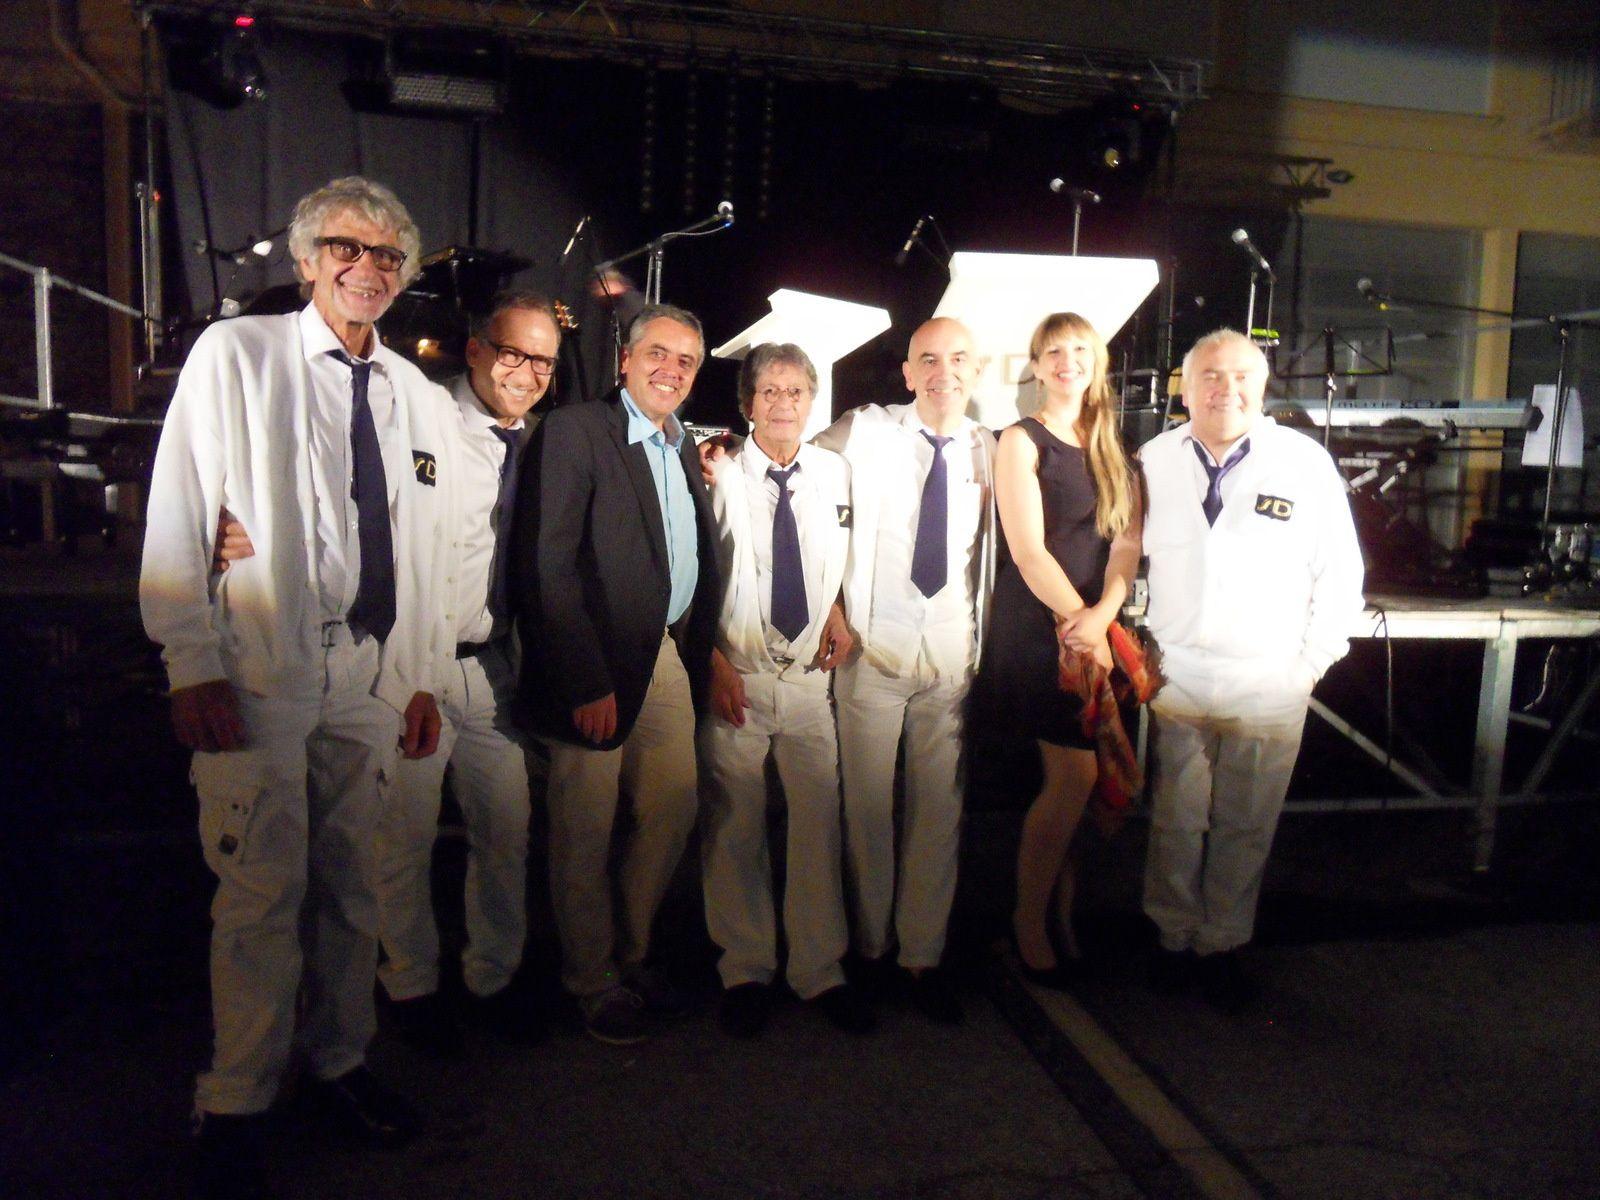 Laurent Distel, avec les Collégiens Bernard Arcadio, Franck Sitbon, Tony Bonfils,  Thierry Chauvet-Peillex, Raymond Gimenès et la chanteuse de jazz Charlotte Perrin